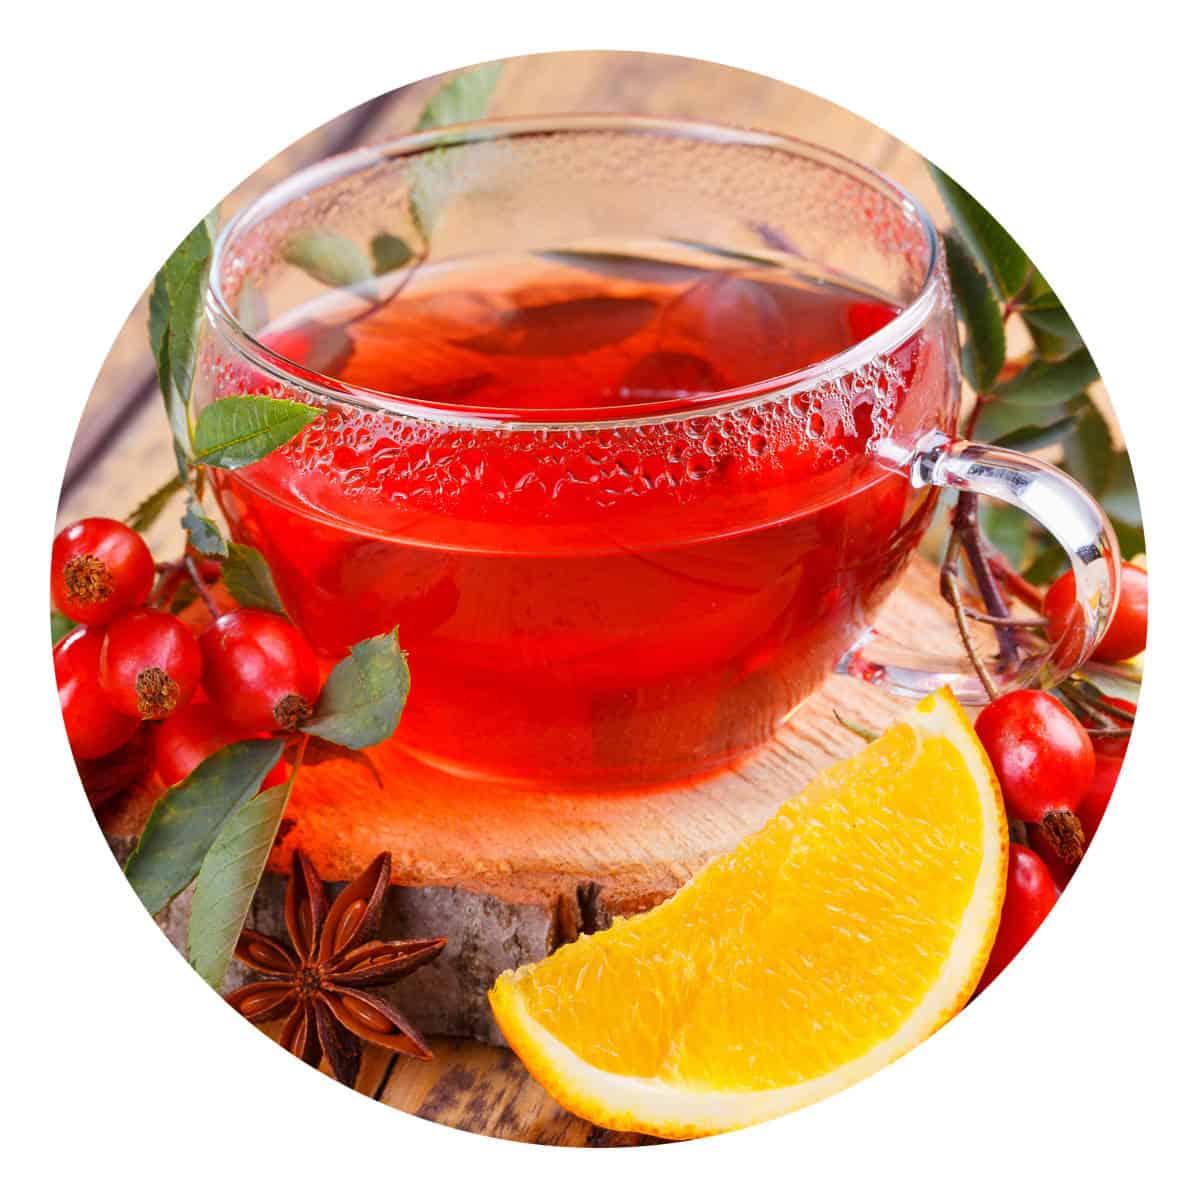 Eine Glastasse mit rotem Früchtetee, links und rechts dekoriert mit roten Früchten, Zimt und einem Stück Zitrone.